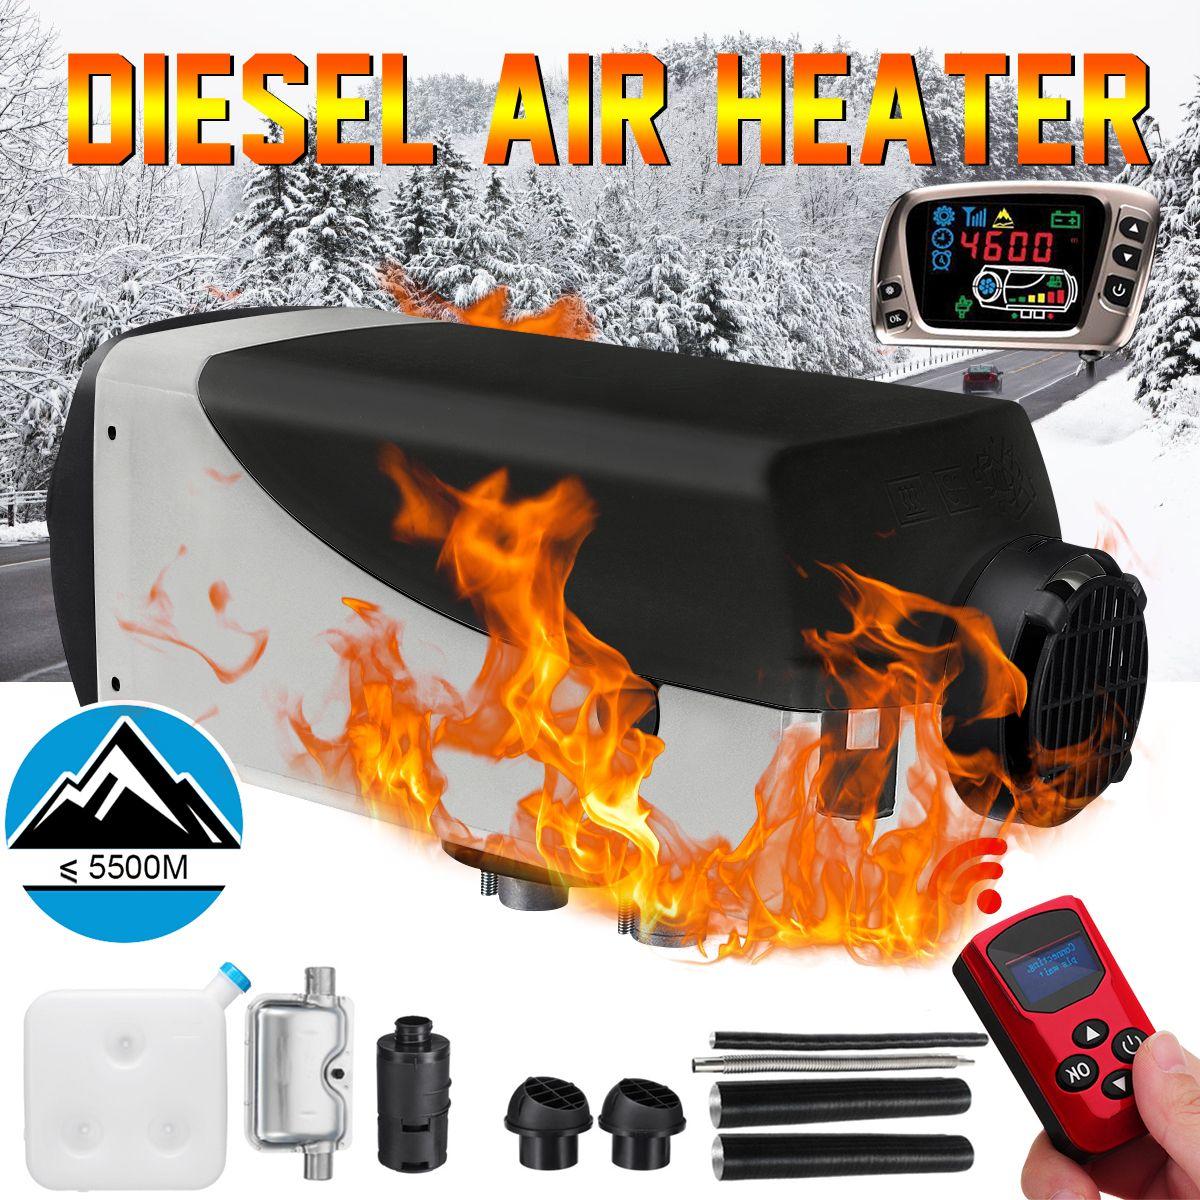 12 V 2kw Diesel Air Standheizung Air Heizung LCD Schalter + Schalldämpfer + Neue Fernbedienung Für Lkw Boote auto Anhänger Heizung